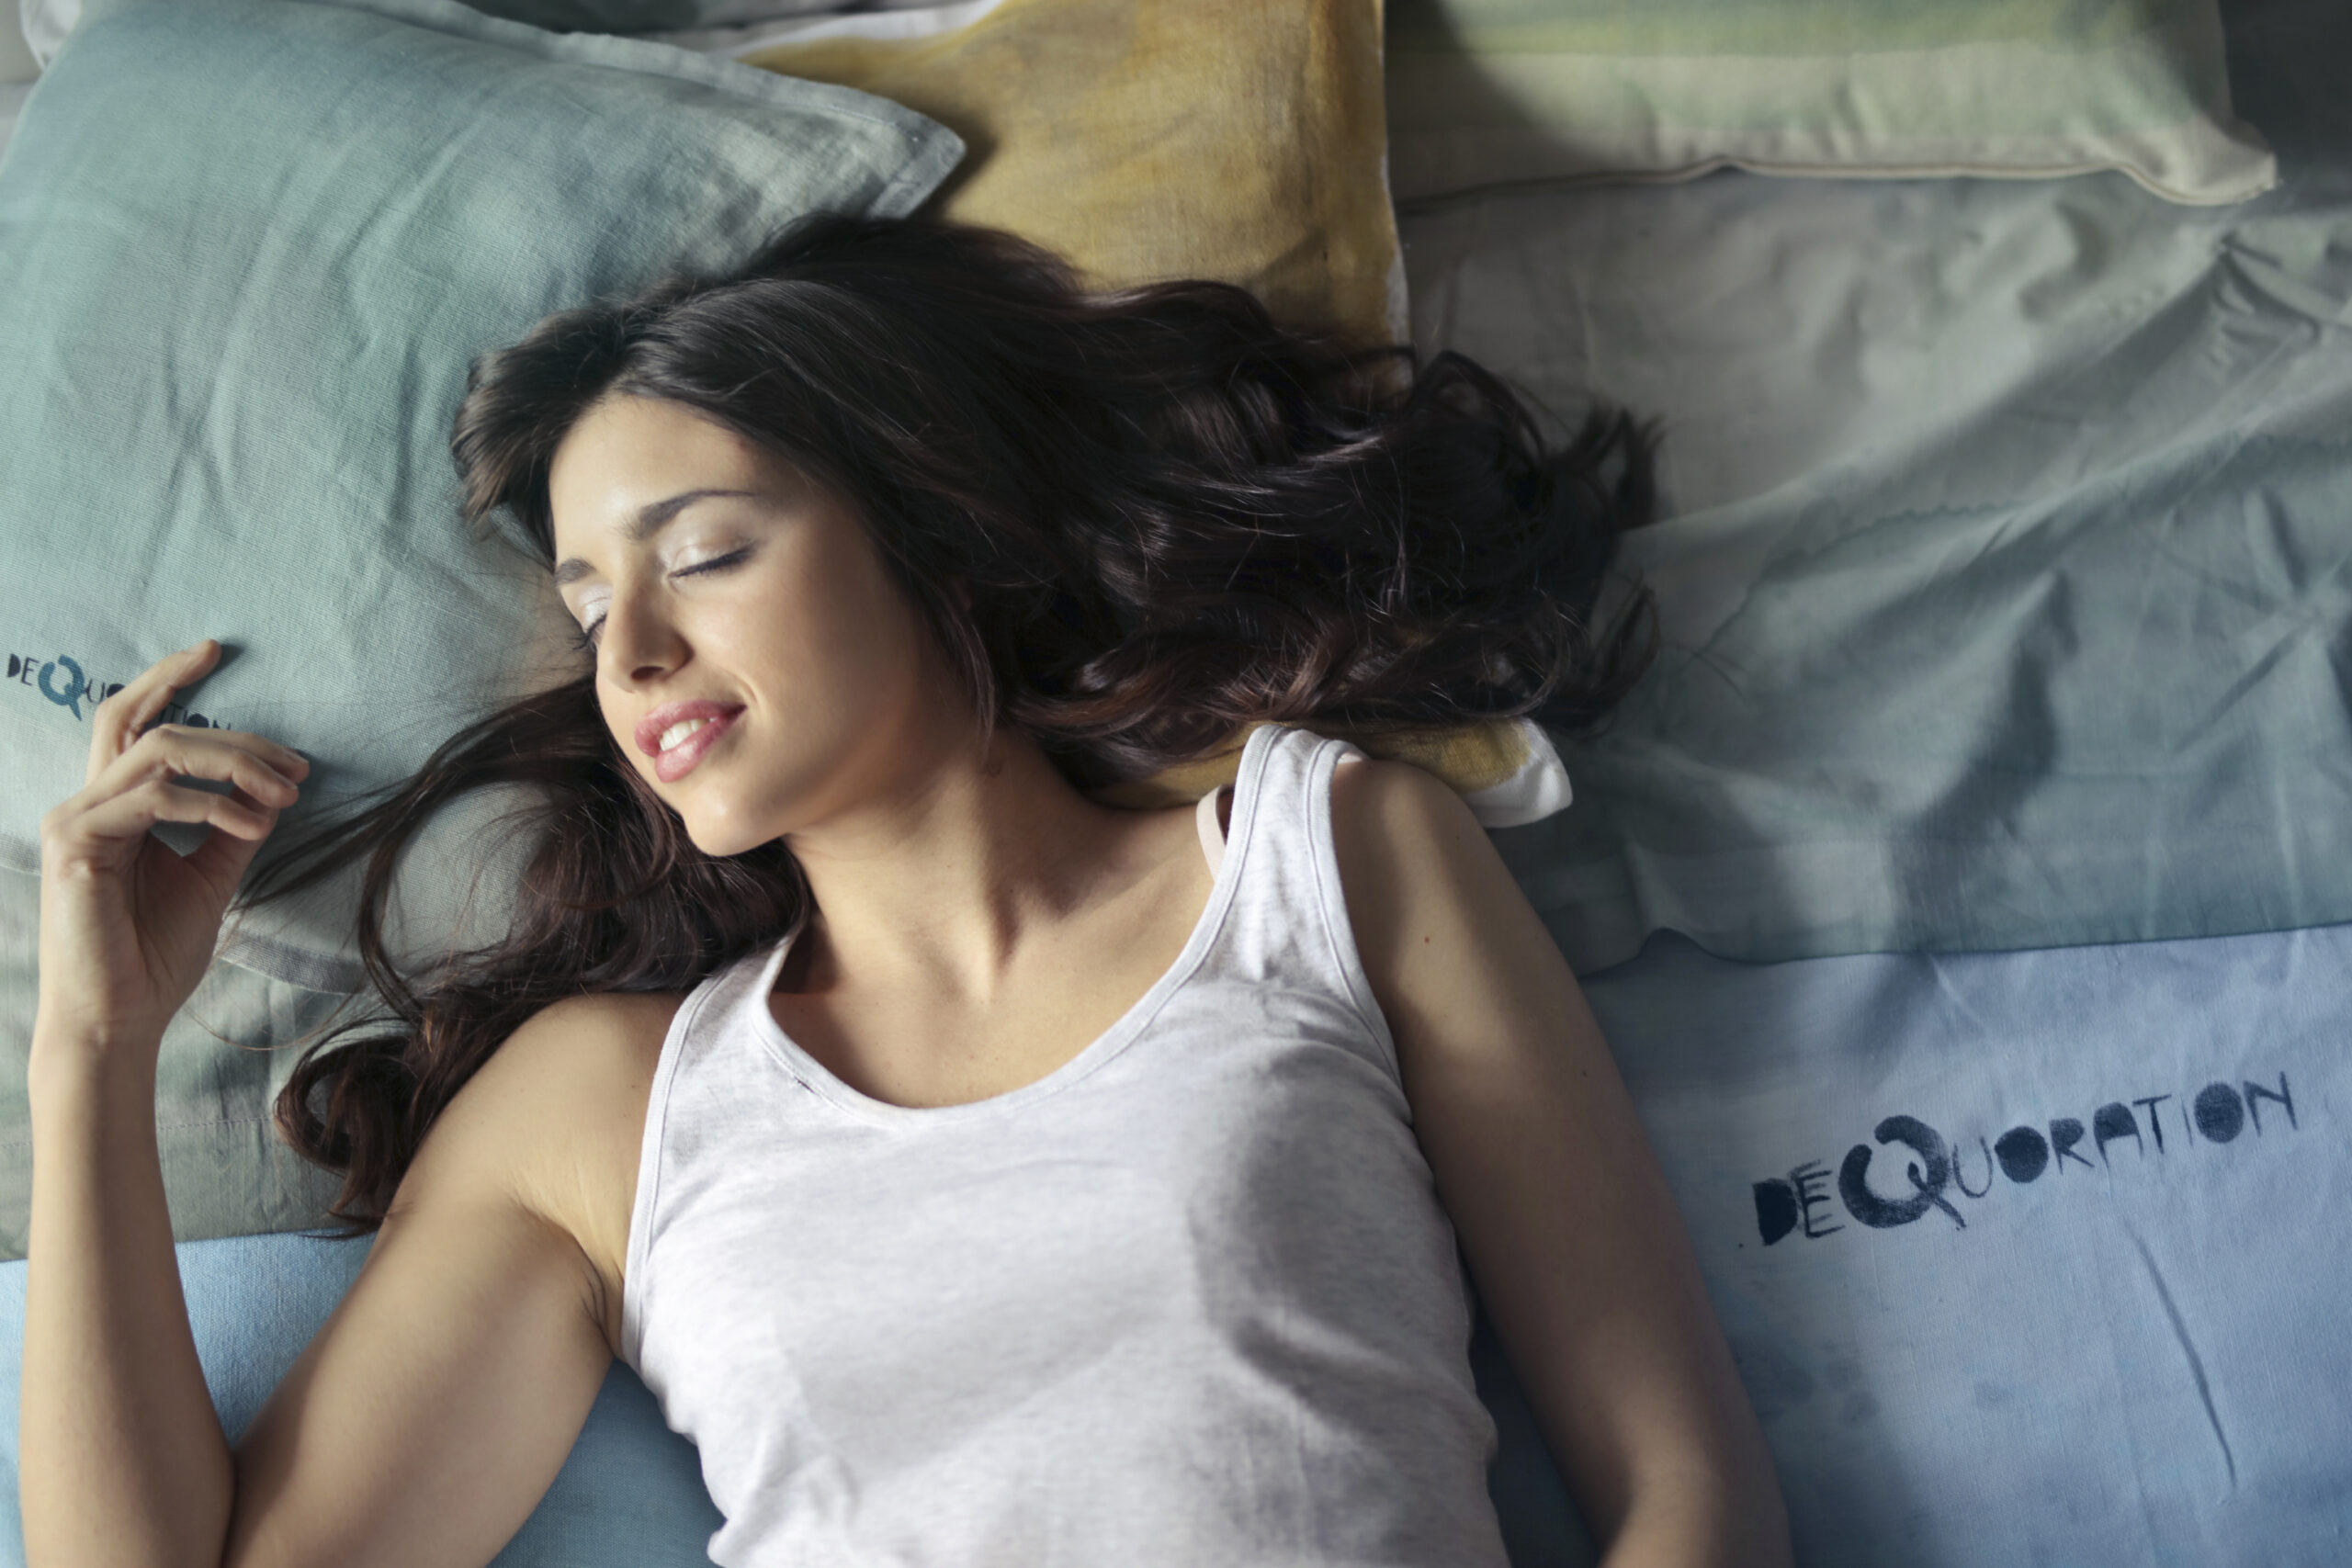 Photo d'une femme qui dort paisiblement dans un lit, la tête posée sur 2 oreillers